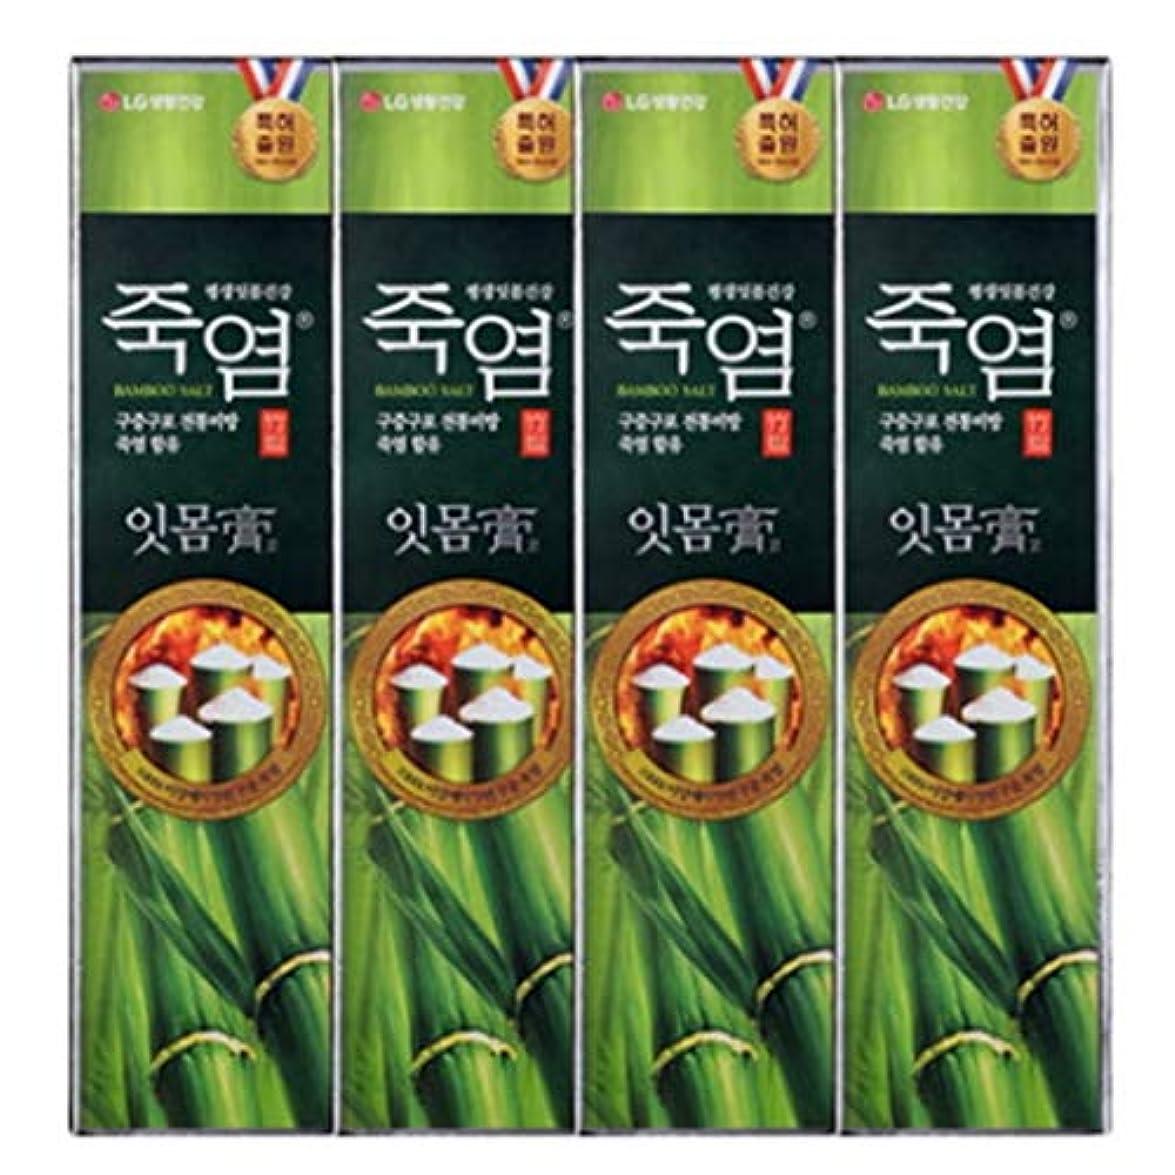 再発する湿地割合[LG Care/LG生活健康]竹塩歯磨き粉歯肉を健康に120g x4ea / 歯磨きセットスペシャル?リミテッドToothpaste Set Special Limited Korea(海外直送品)